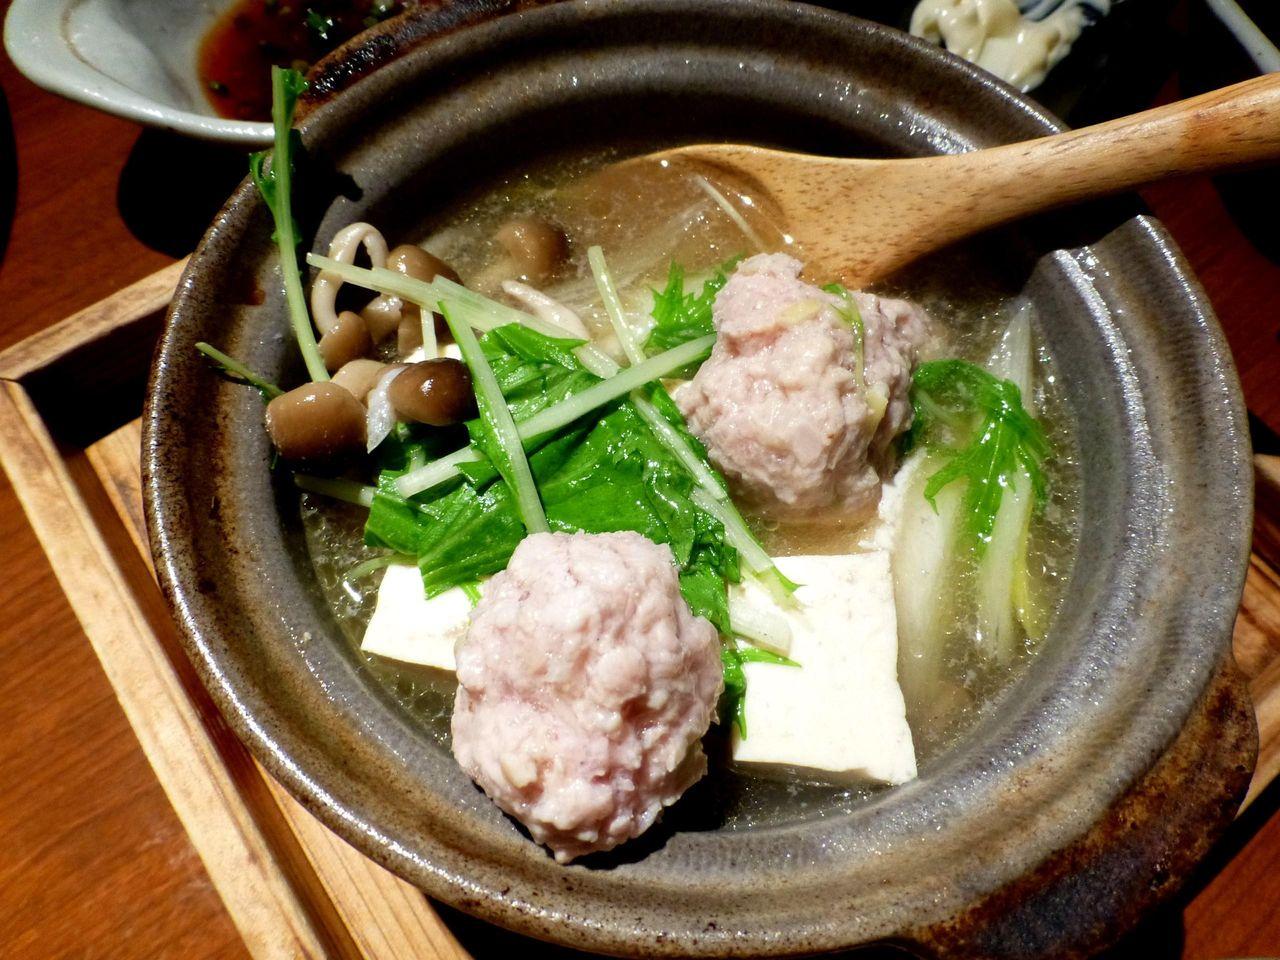 鶏ガラスープの湯豆腐つくね入り580円